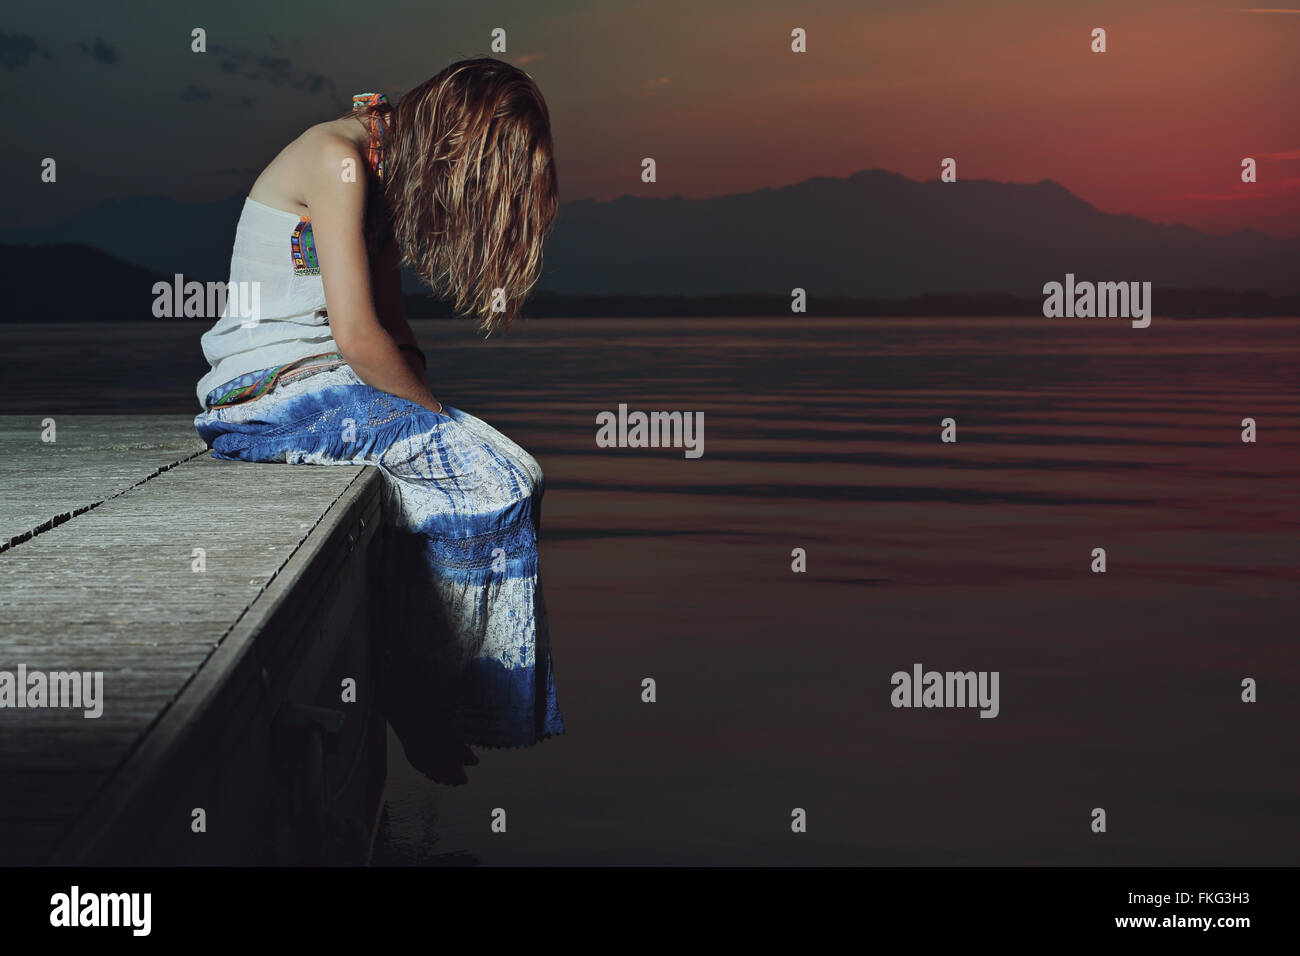 Einsame Frau in traurige Lage über Wasser. Leichte rote Dämmerung Stockbild